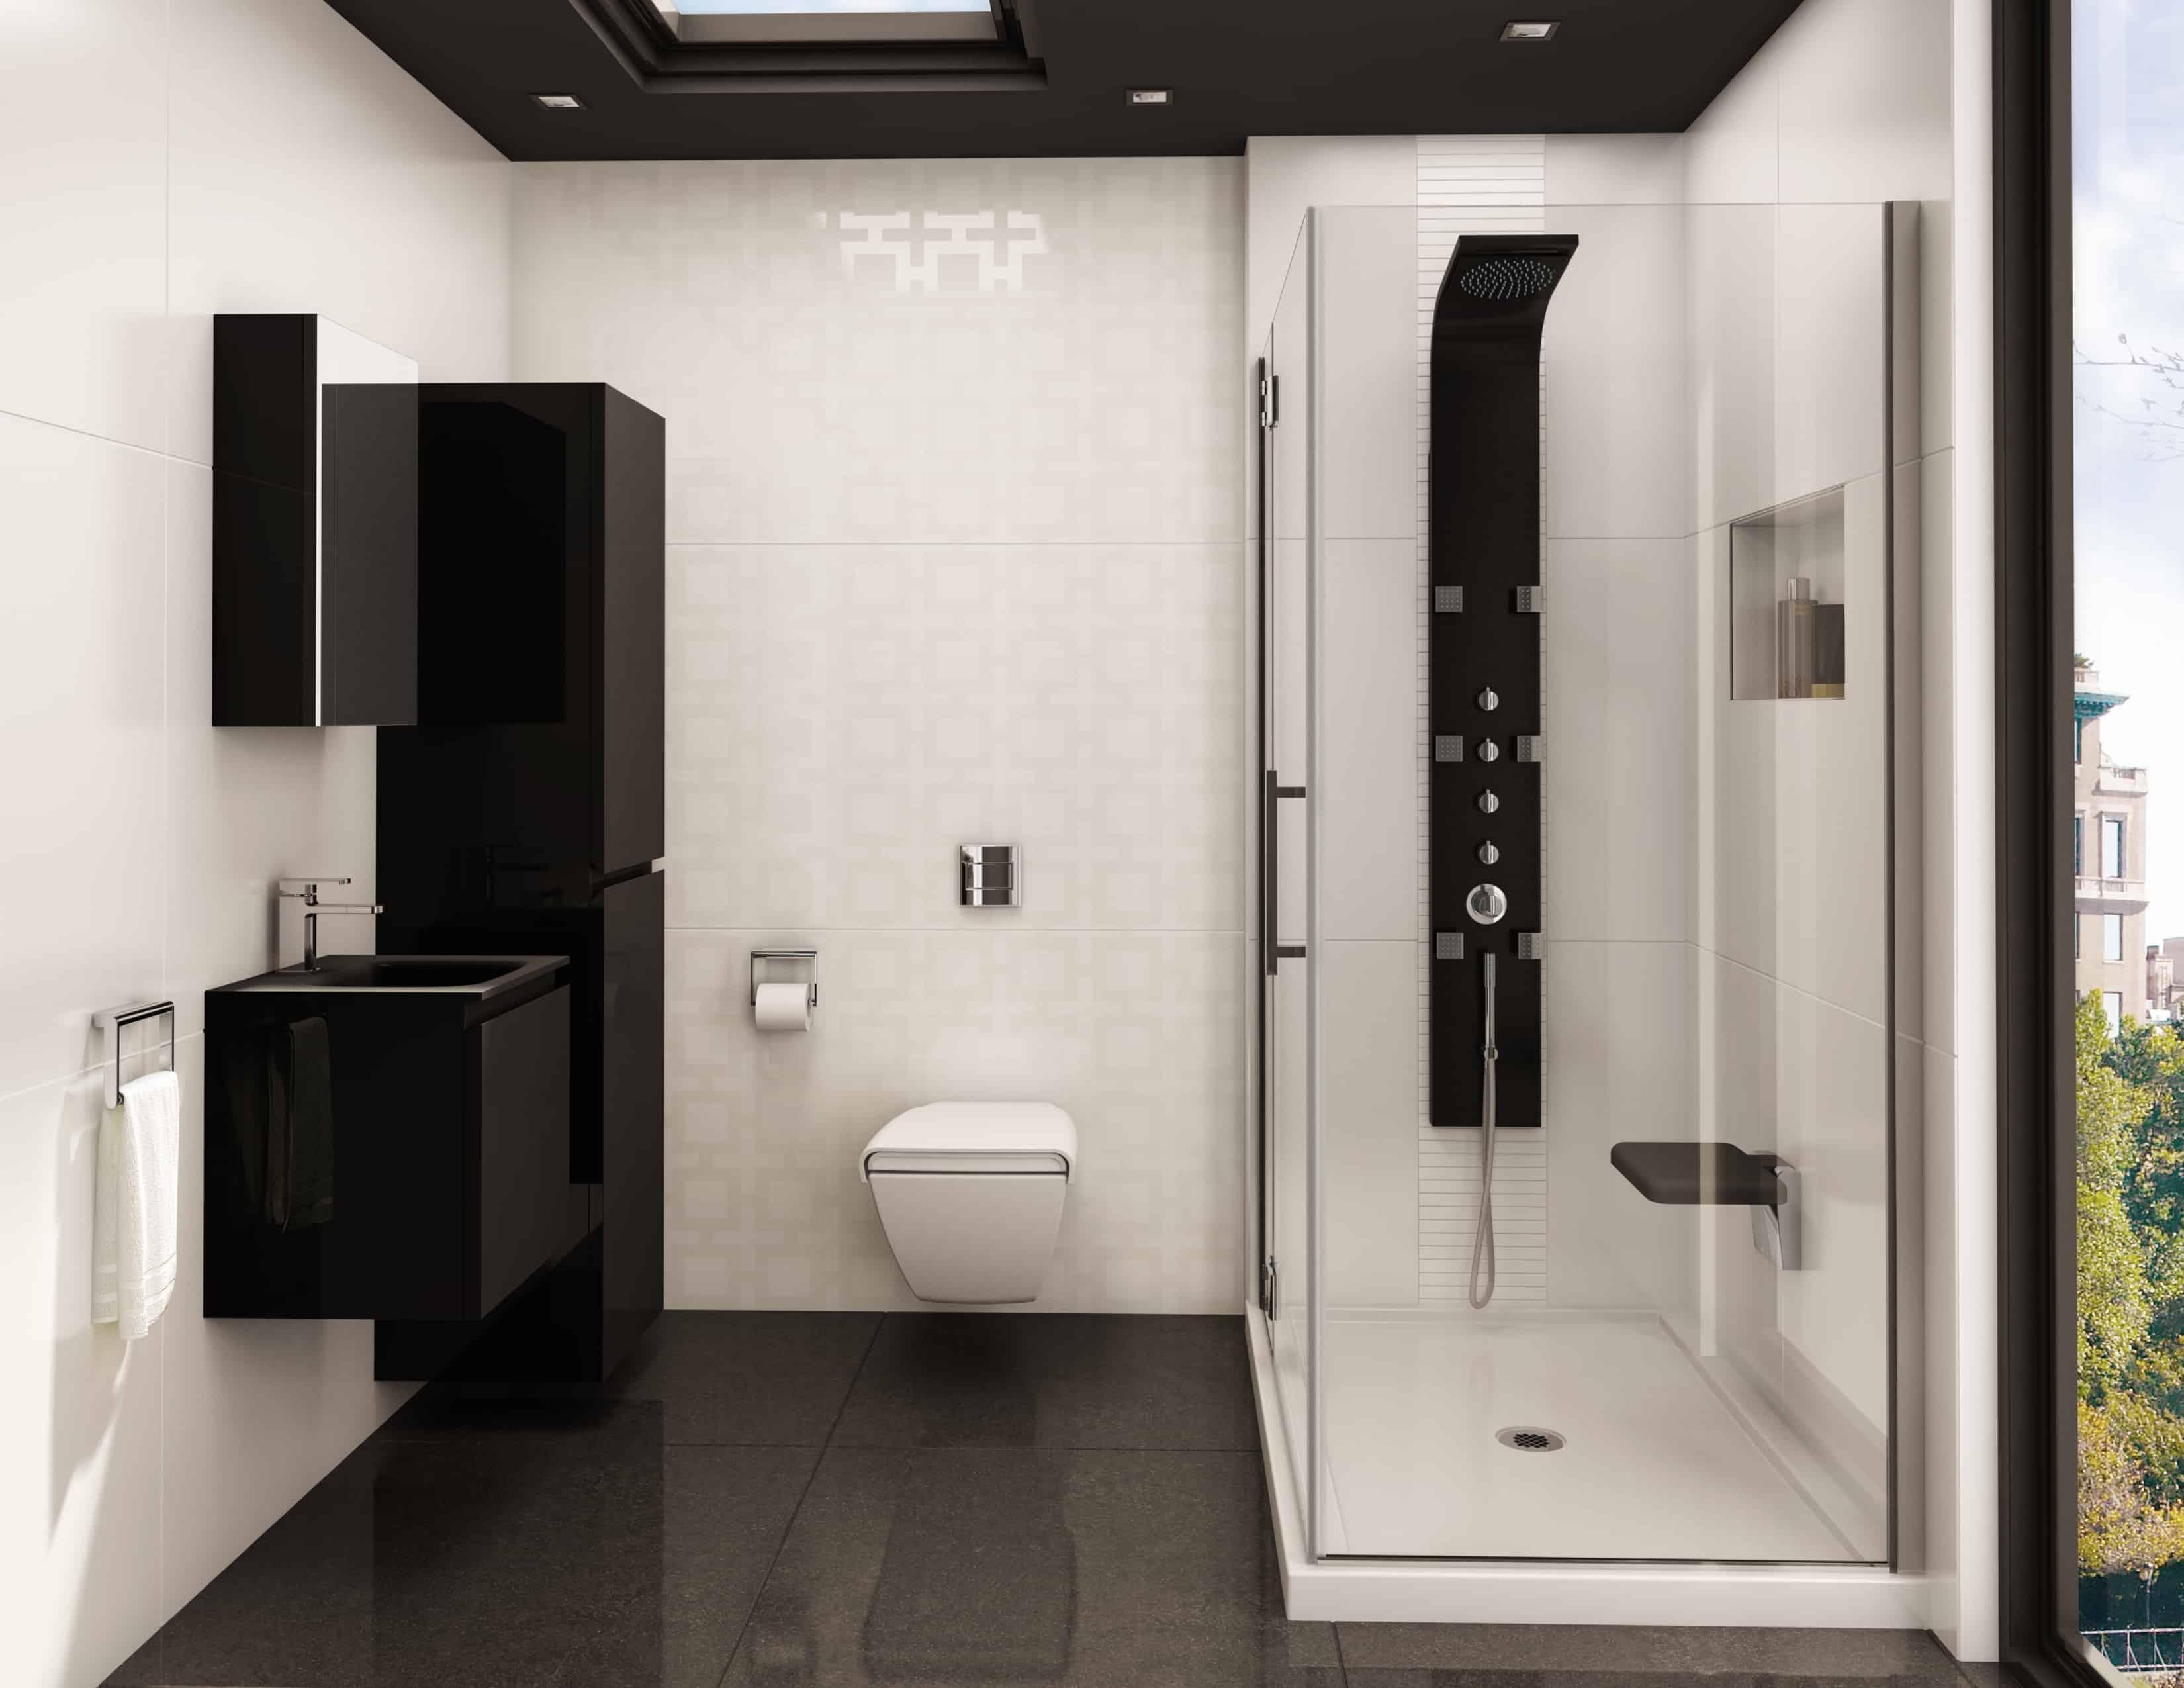 pierdeco aquamassage colonne de douche pd 850 s ss inox. Black Bedroom Furniture Sets. Home Design Ideas